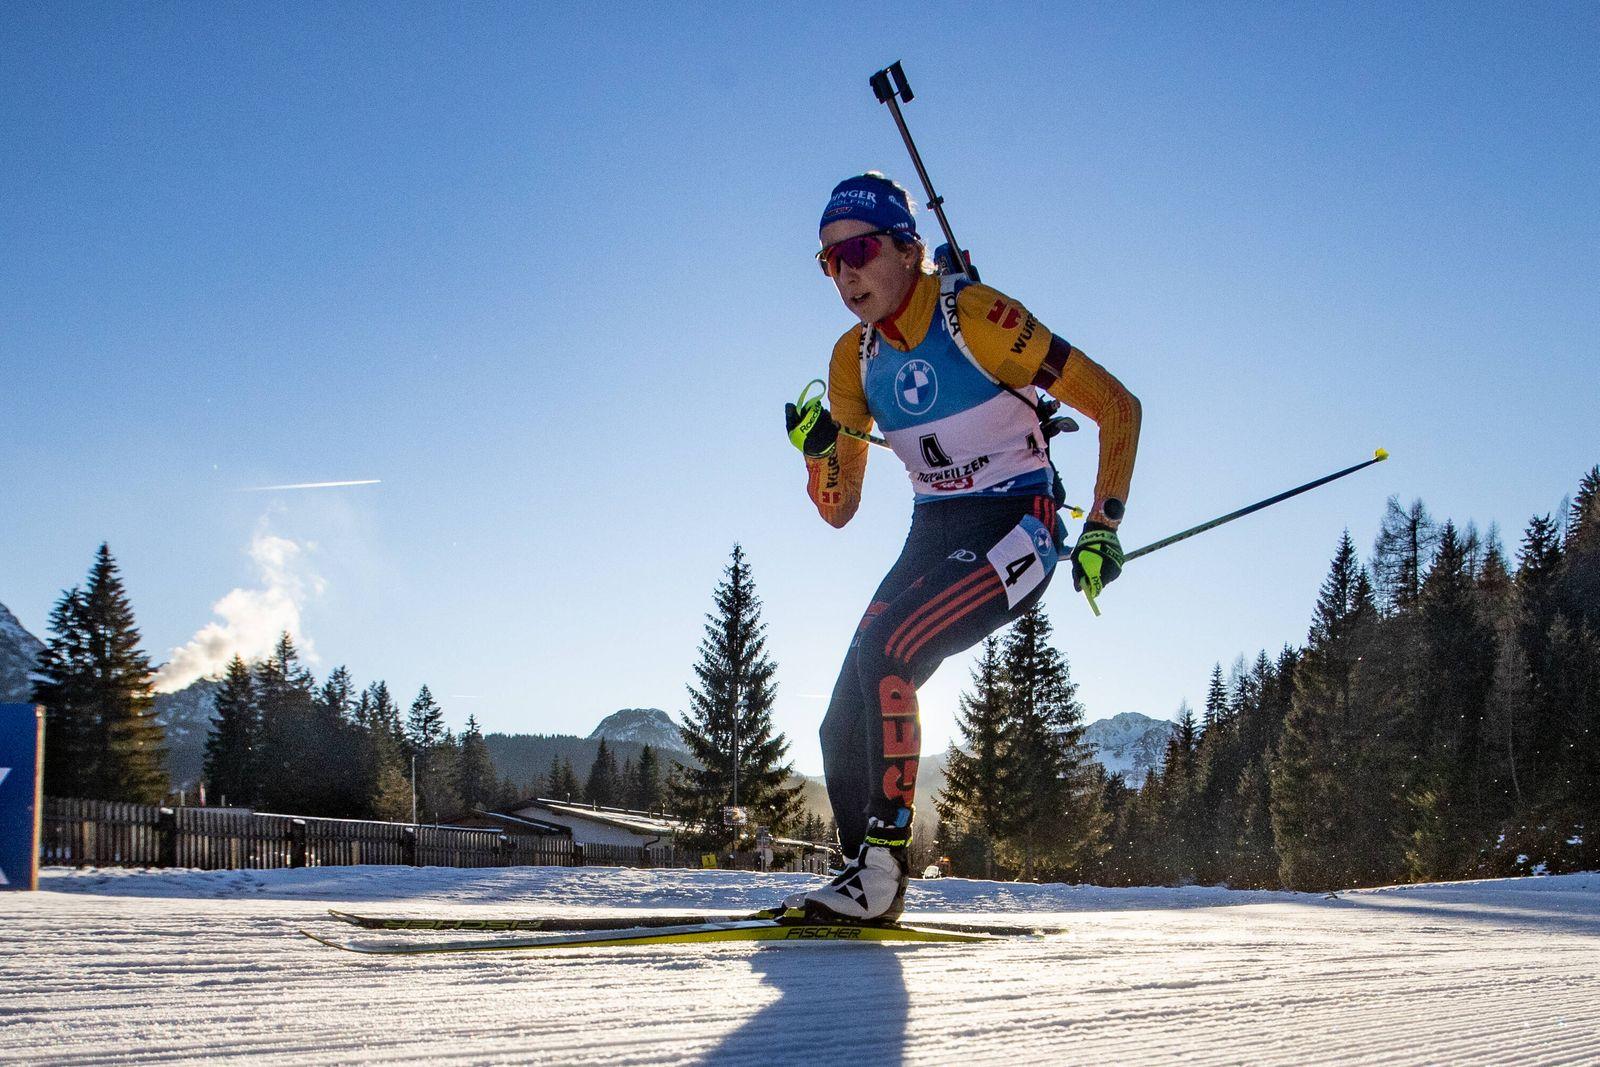 Franziska PREUSS (PREUß) (GER, SC Haag). Biathlon, Verfolgung der Frauen, Weltcup, Saison 2020-2021, am 19.12.2020 in Ho